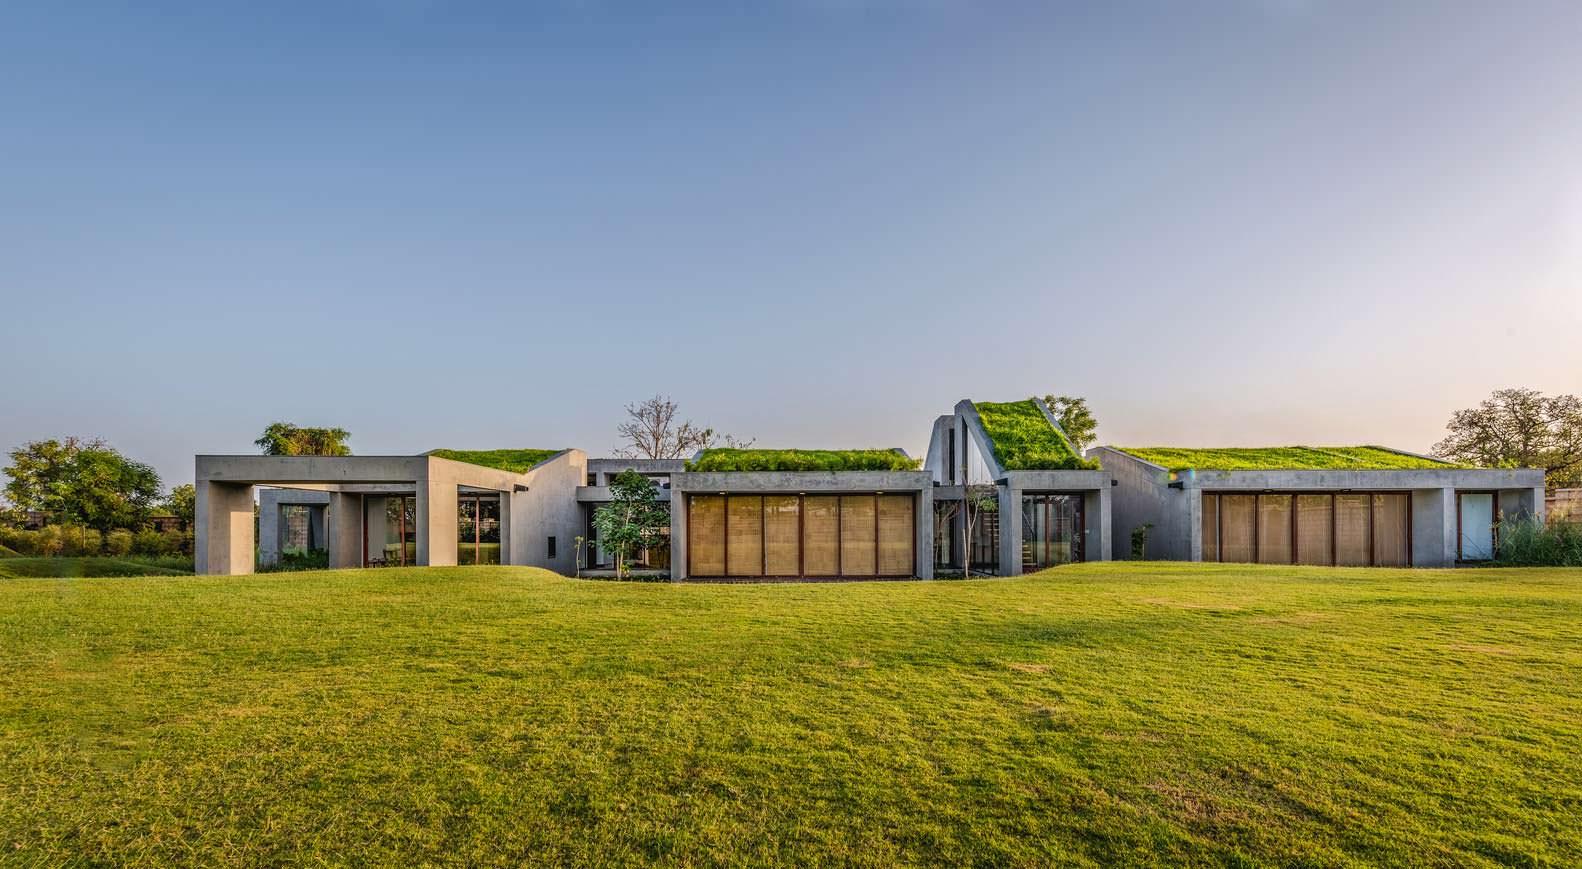 Гармоничный дом выходного дня с газоном на крыше Outhouse